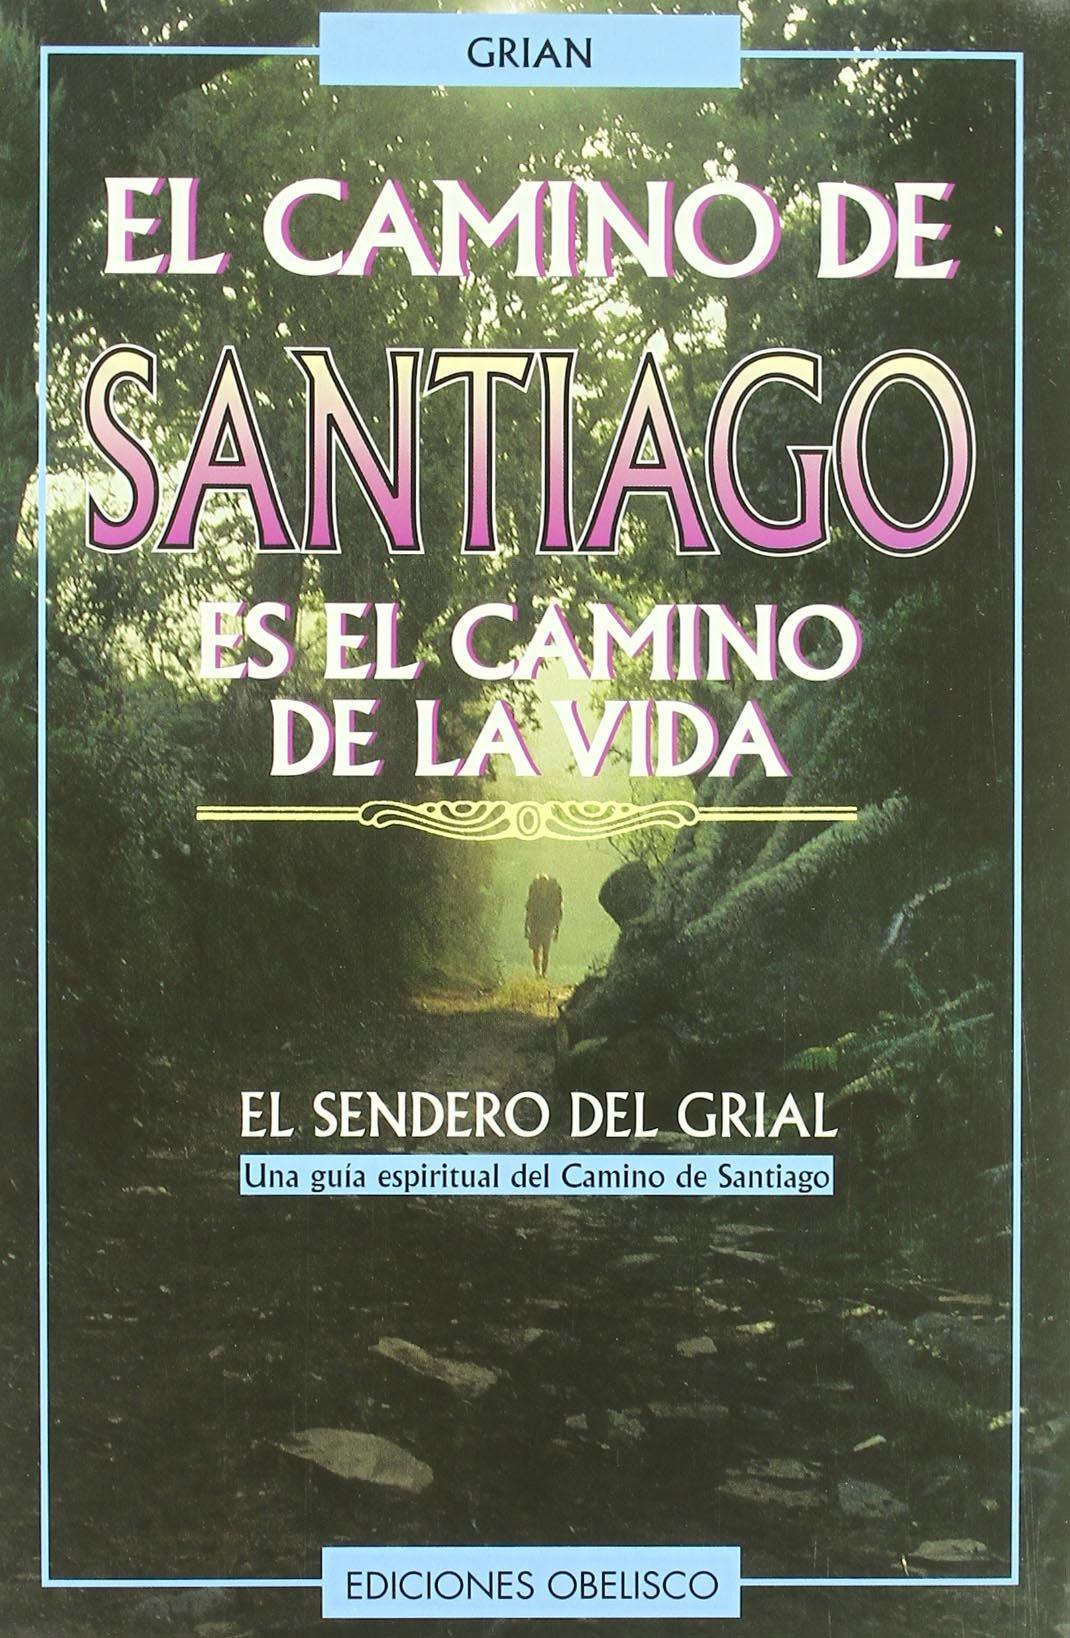 El camino de Santiago ESPIRITUALIDAD Y VIDA INTERIOR: Amazon.es: TONI CUTANDA MORANT: Libros